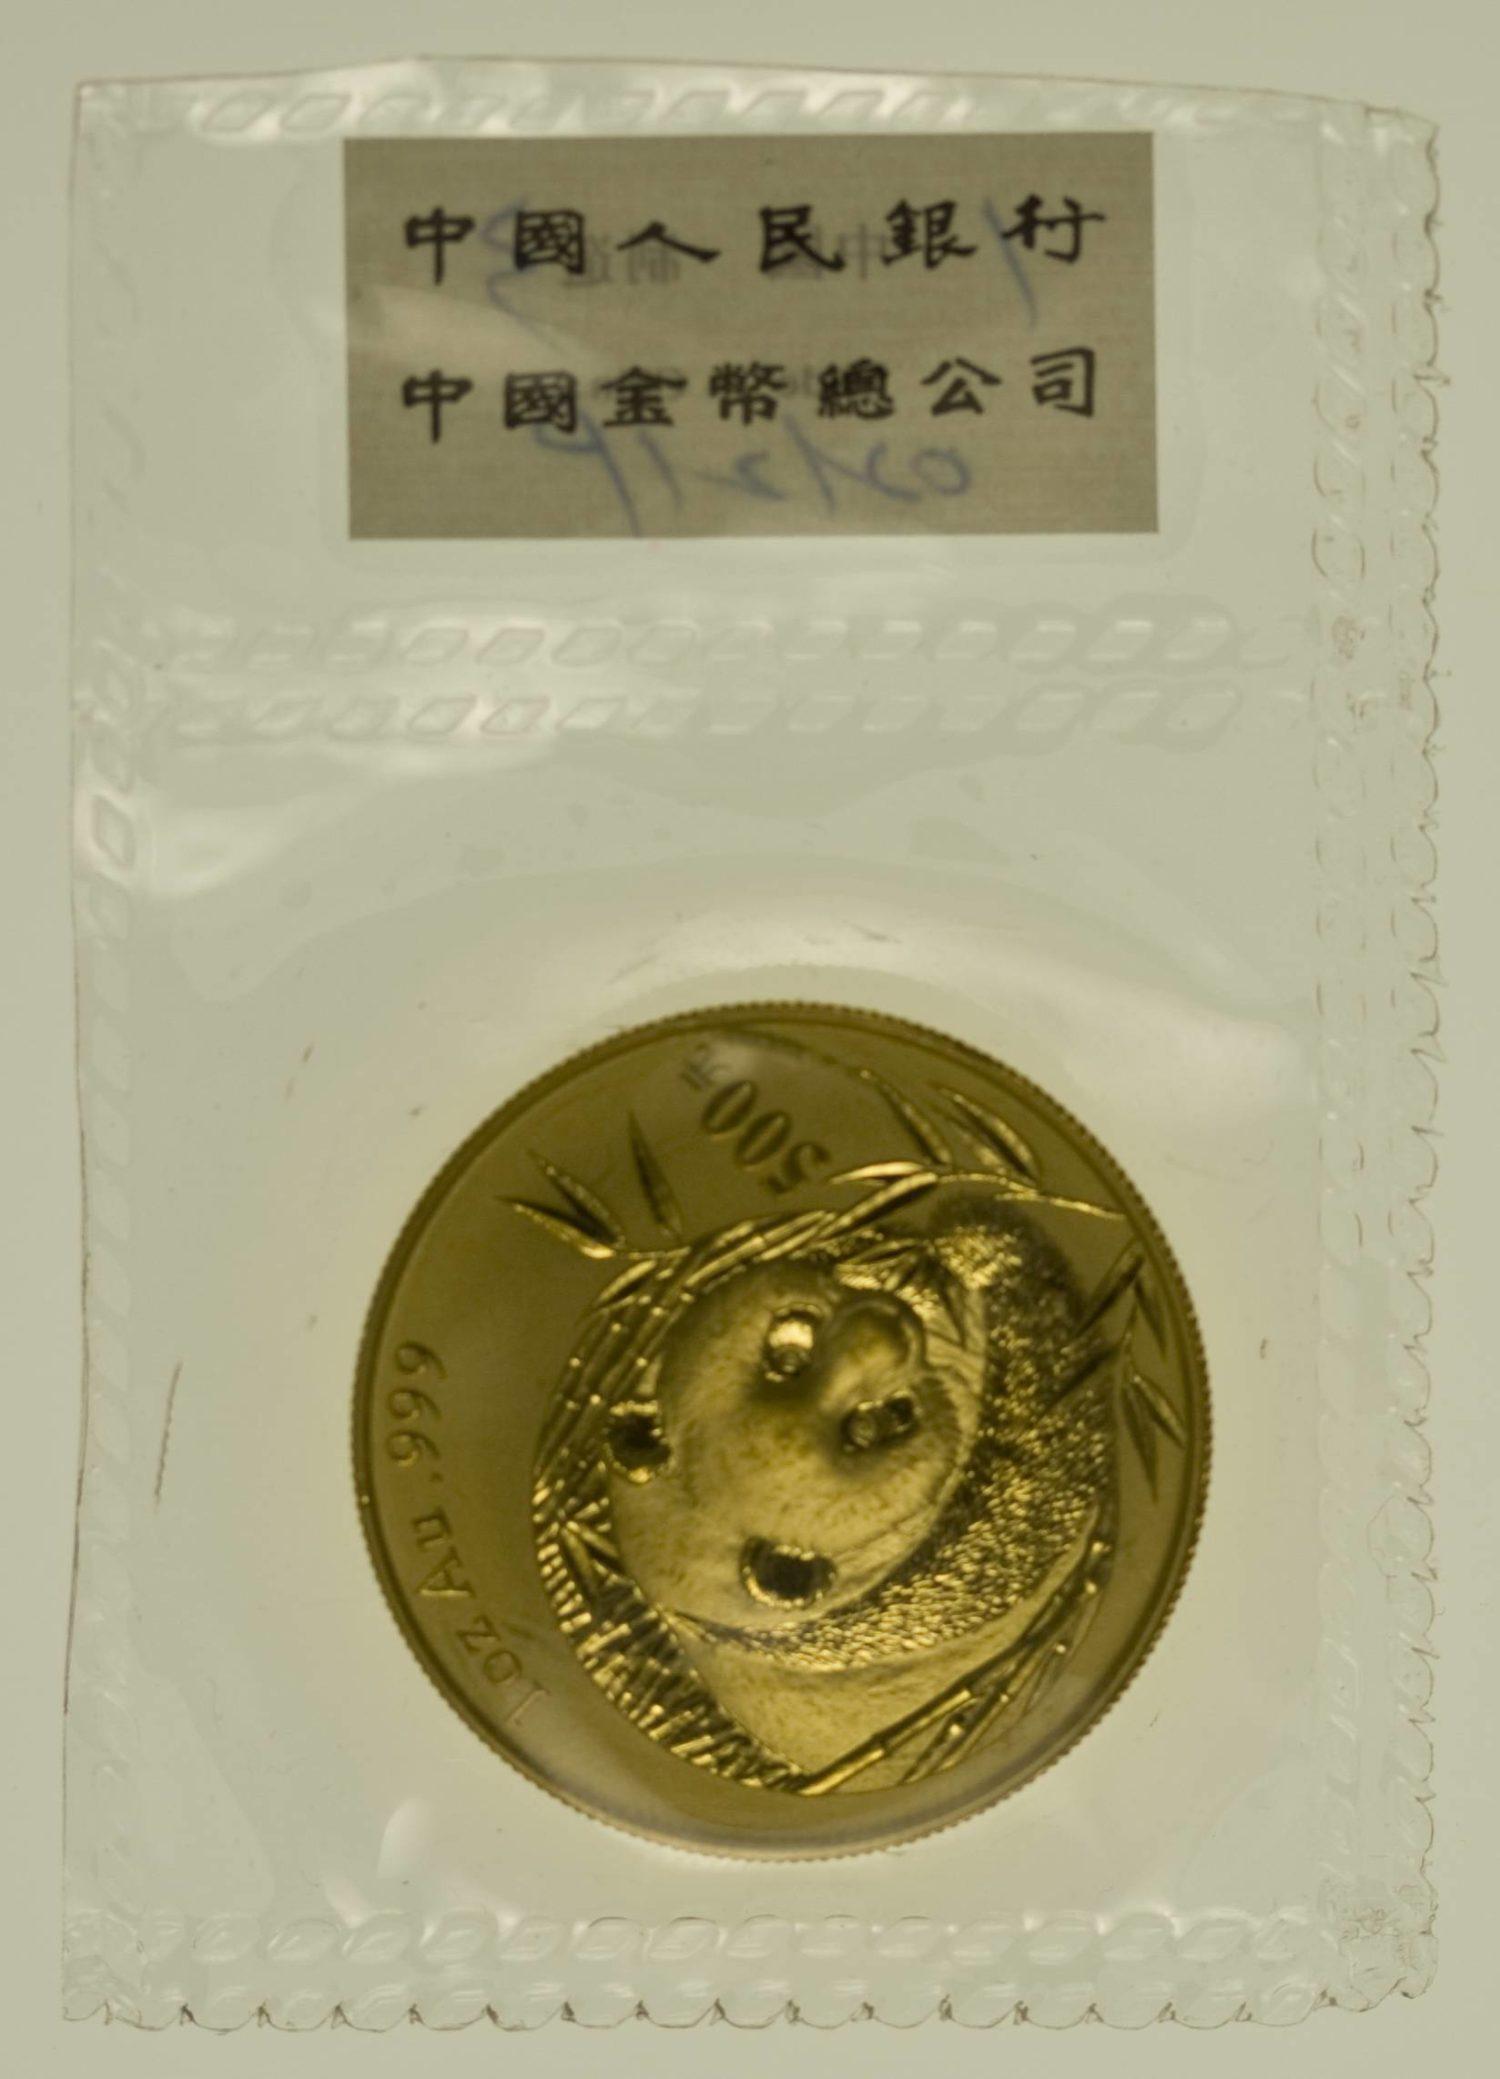 1 Unze Goldmünze China Panda 2003 500 Yuan 31,1 Gramm Gold RAR